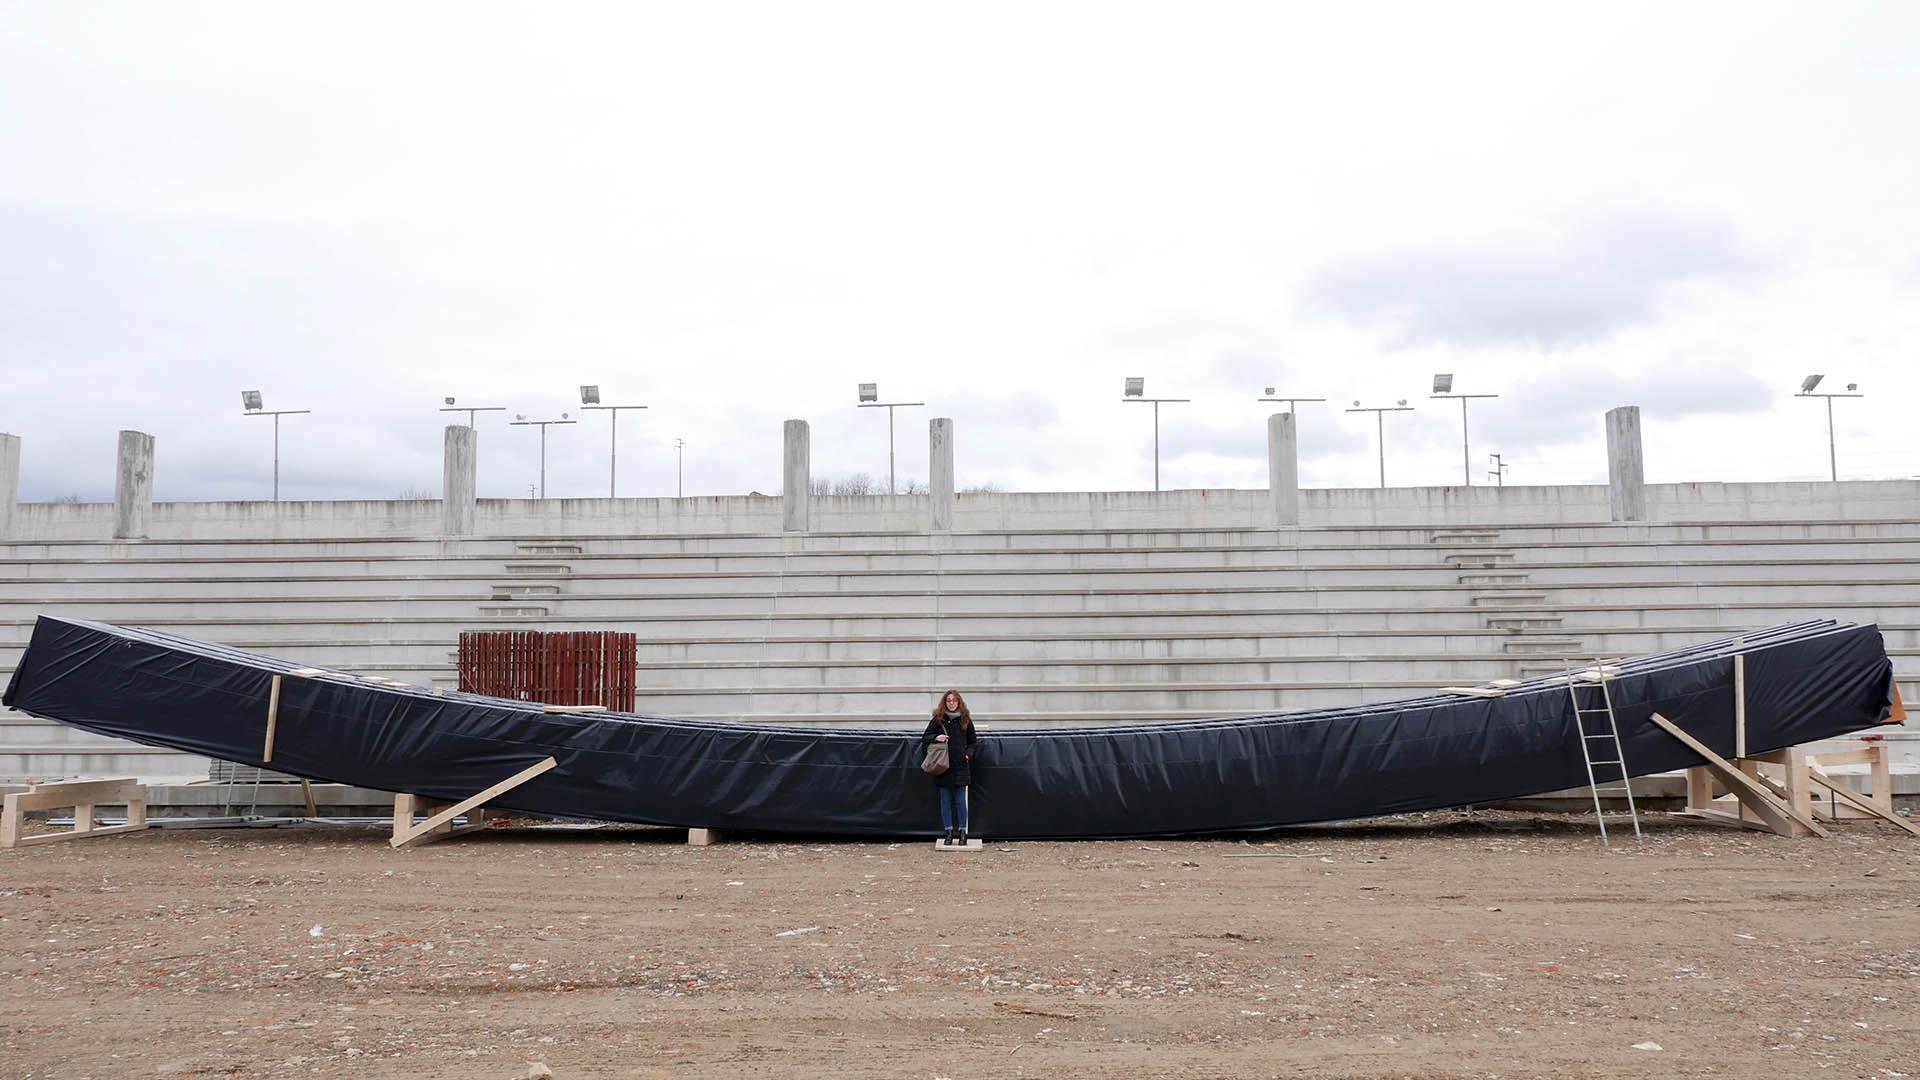 Chiusi: Il Palasport della Pania inizia a prendere forma; arrivata la struttura lamellare